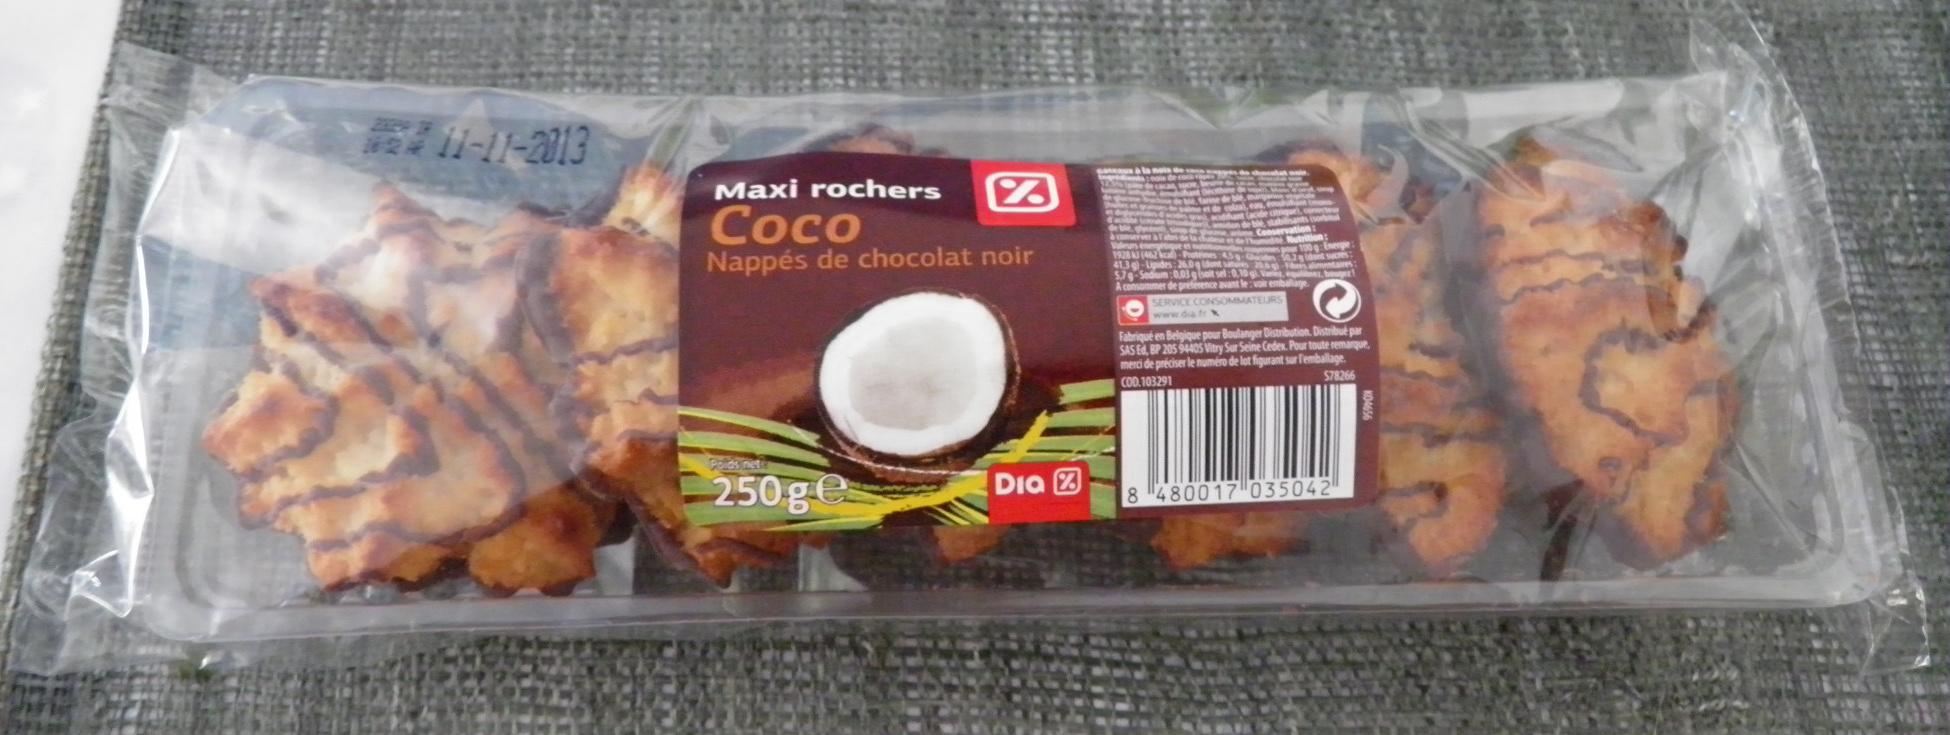 Maxi rochers Coco Nappés de Chocolat Noir - Produit